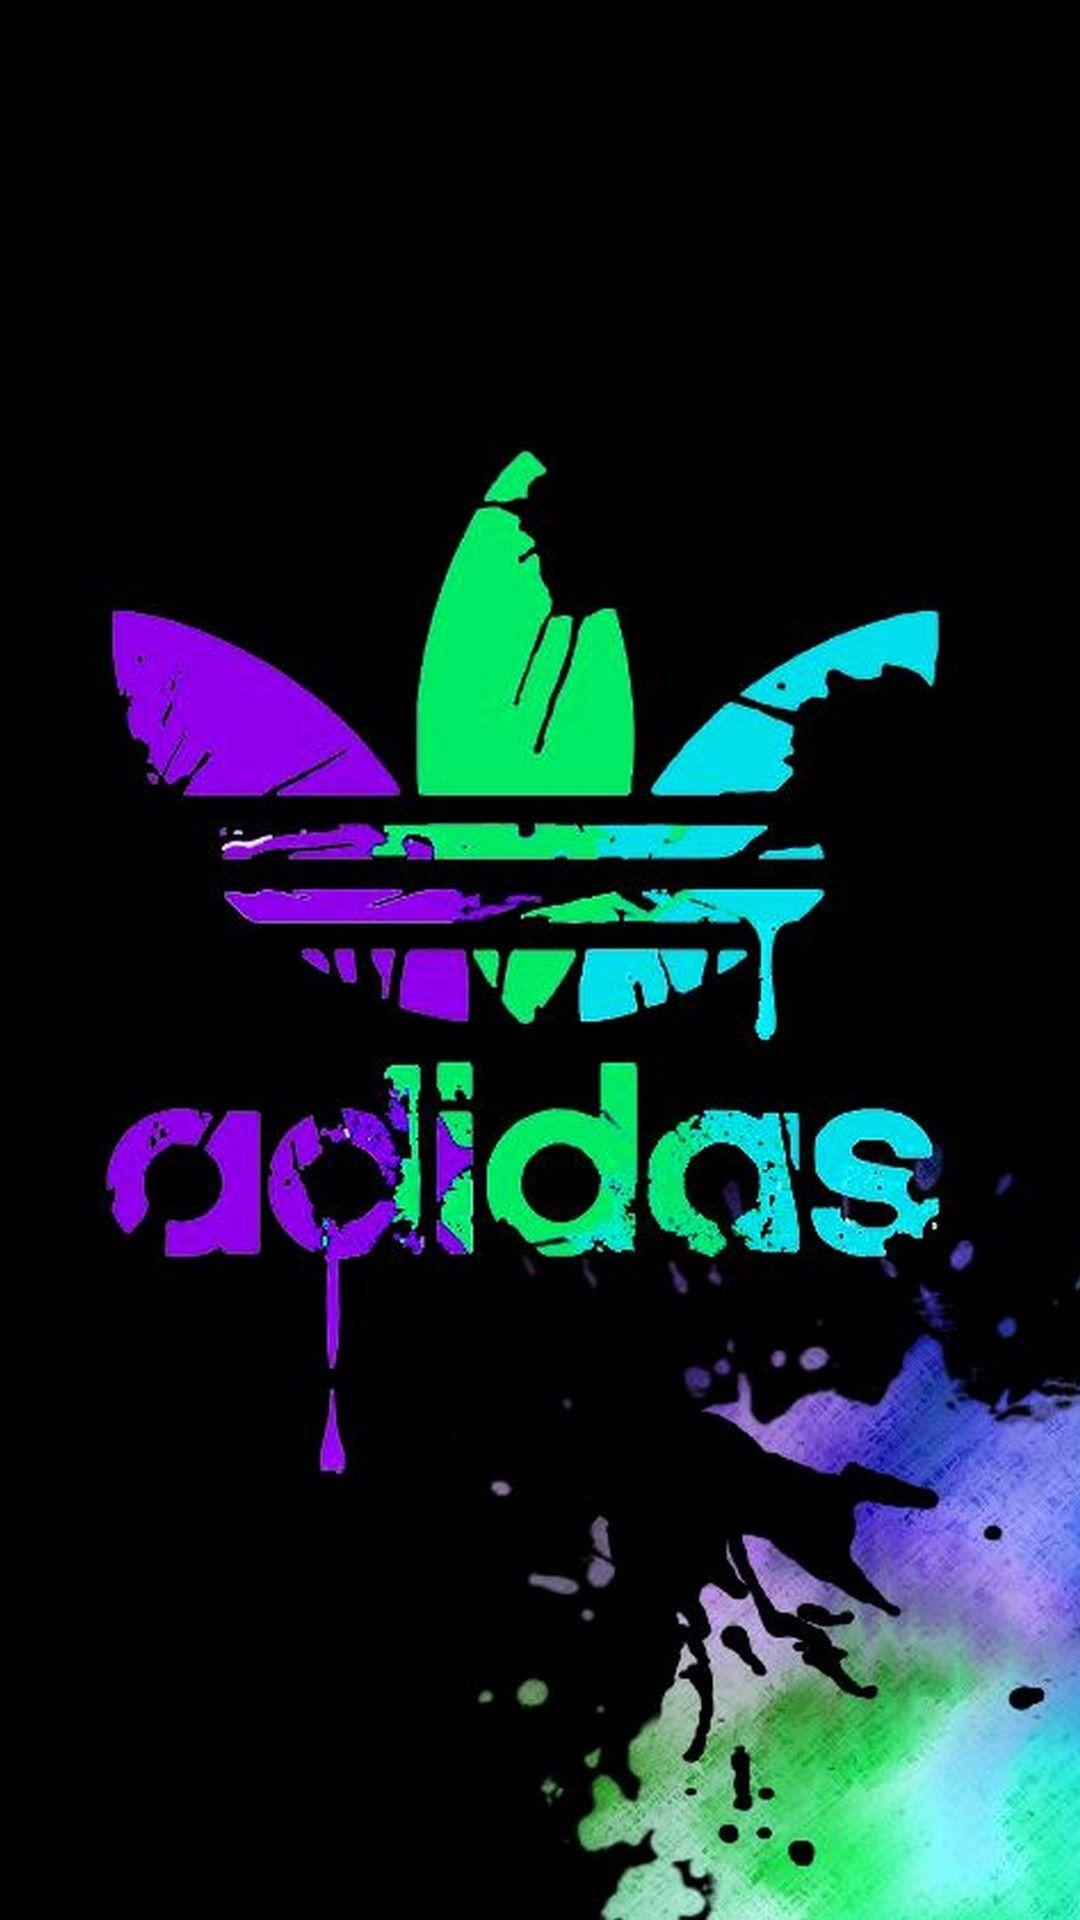 Ideas For Adidas Hd Wallpaper For Iphone X Pictures En 2020 Fondos De Adidas Fondos De Pantalla De Iphone Fondos De Pantalla Deportes